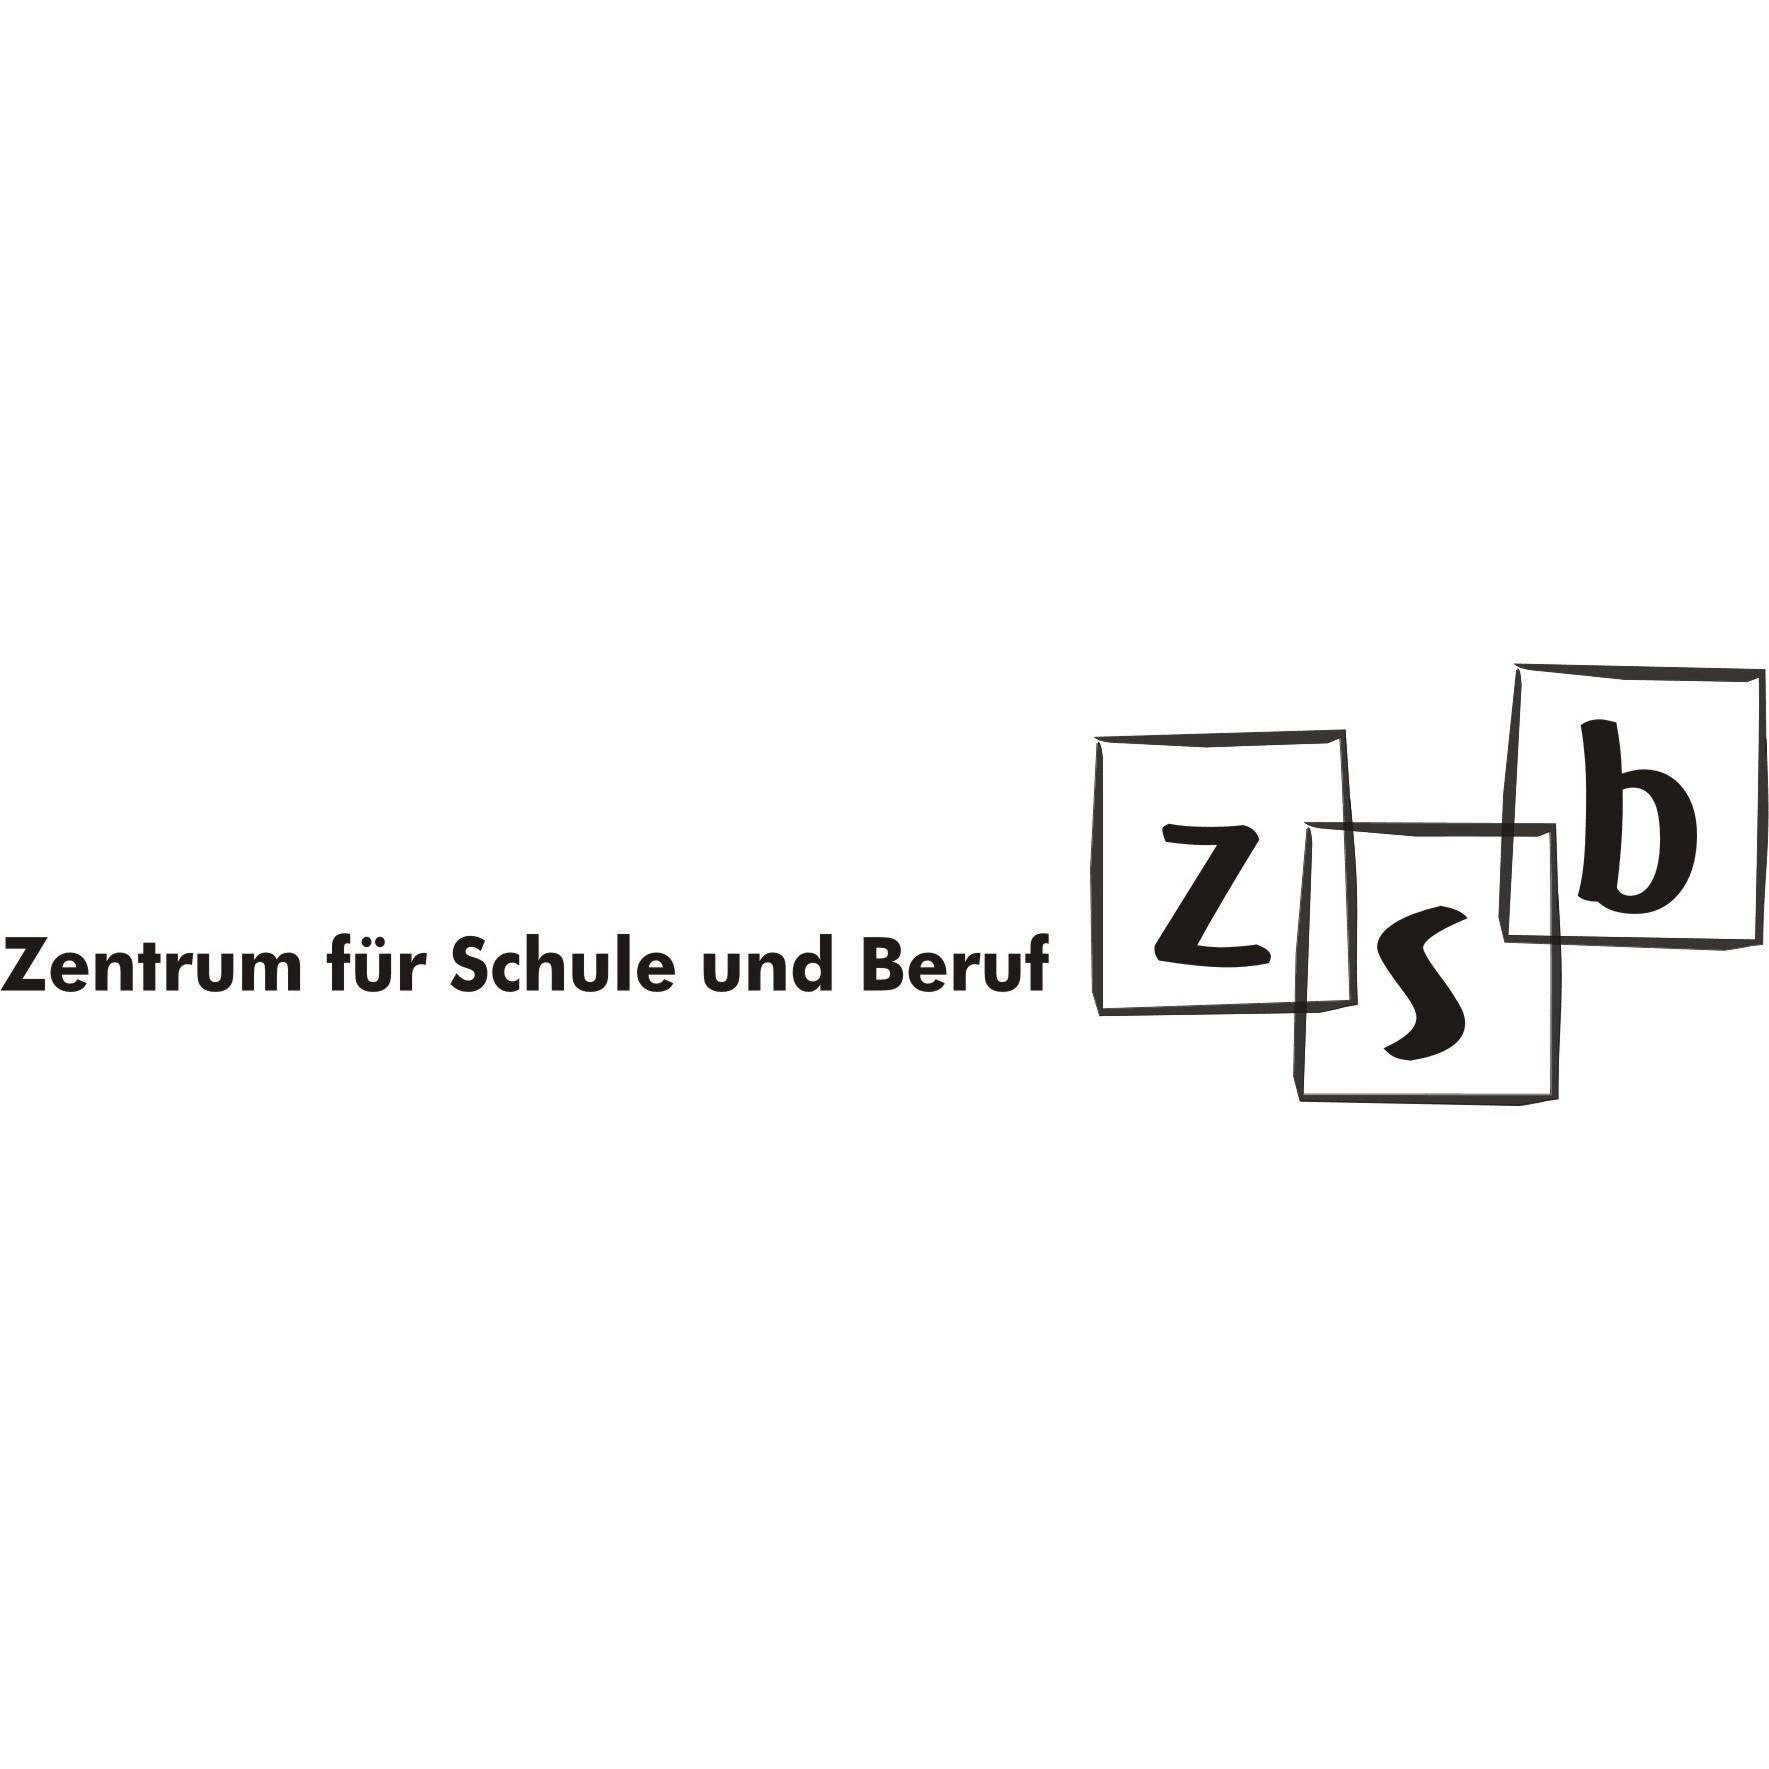 ZSB Bremen - Deutsches Rotes Kreuz Bremen: Spende für unsere ...